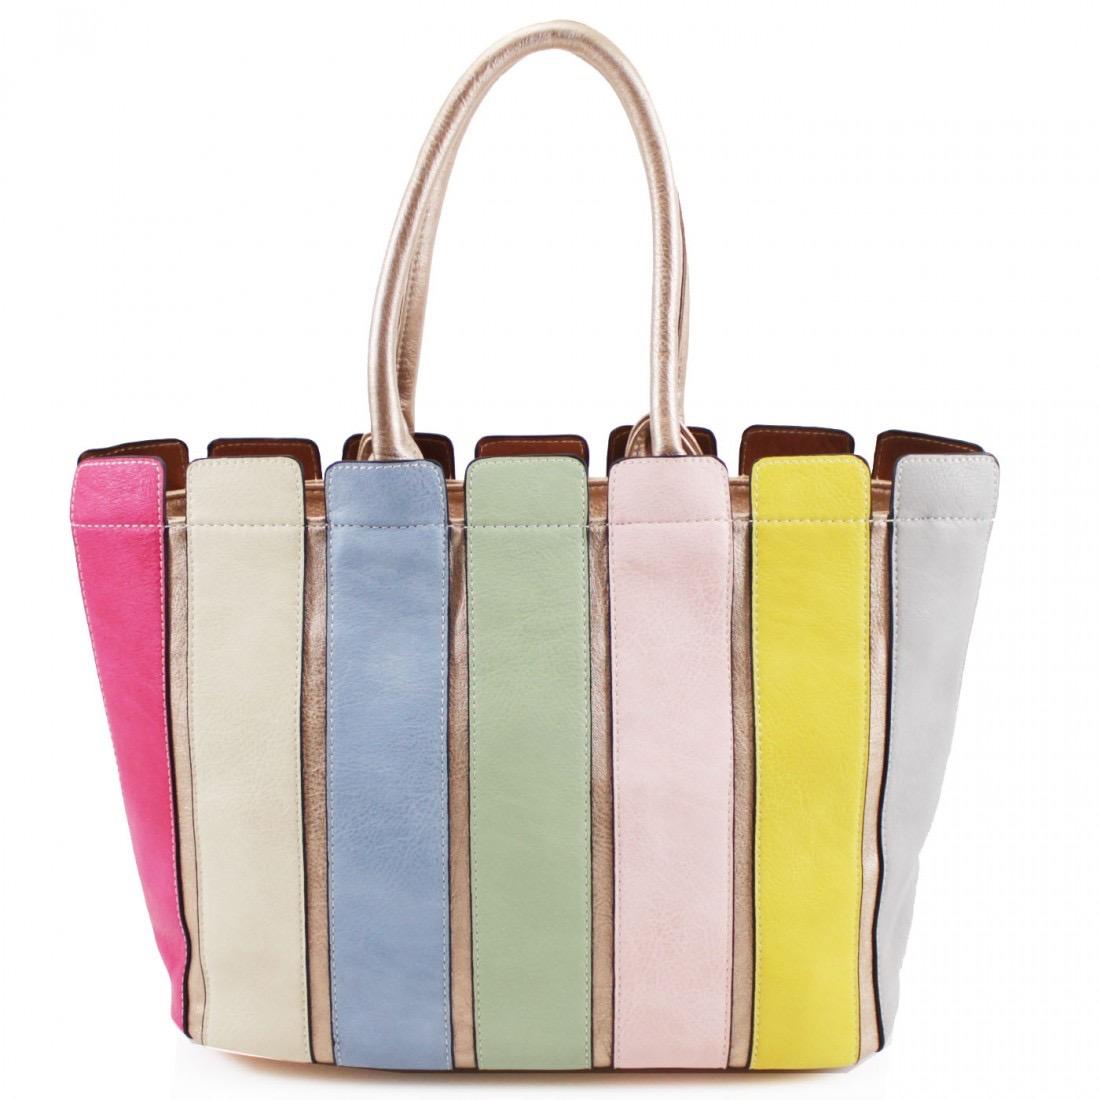 Multi Colour Striped Handbag - Gold